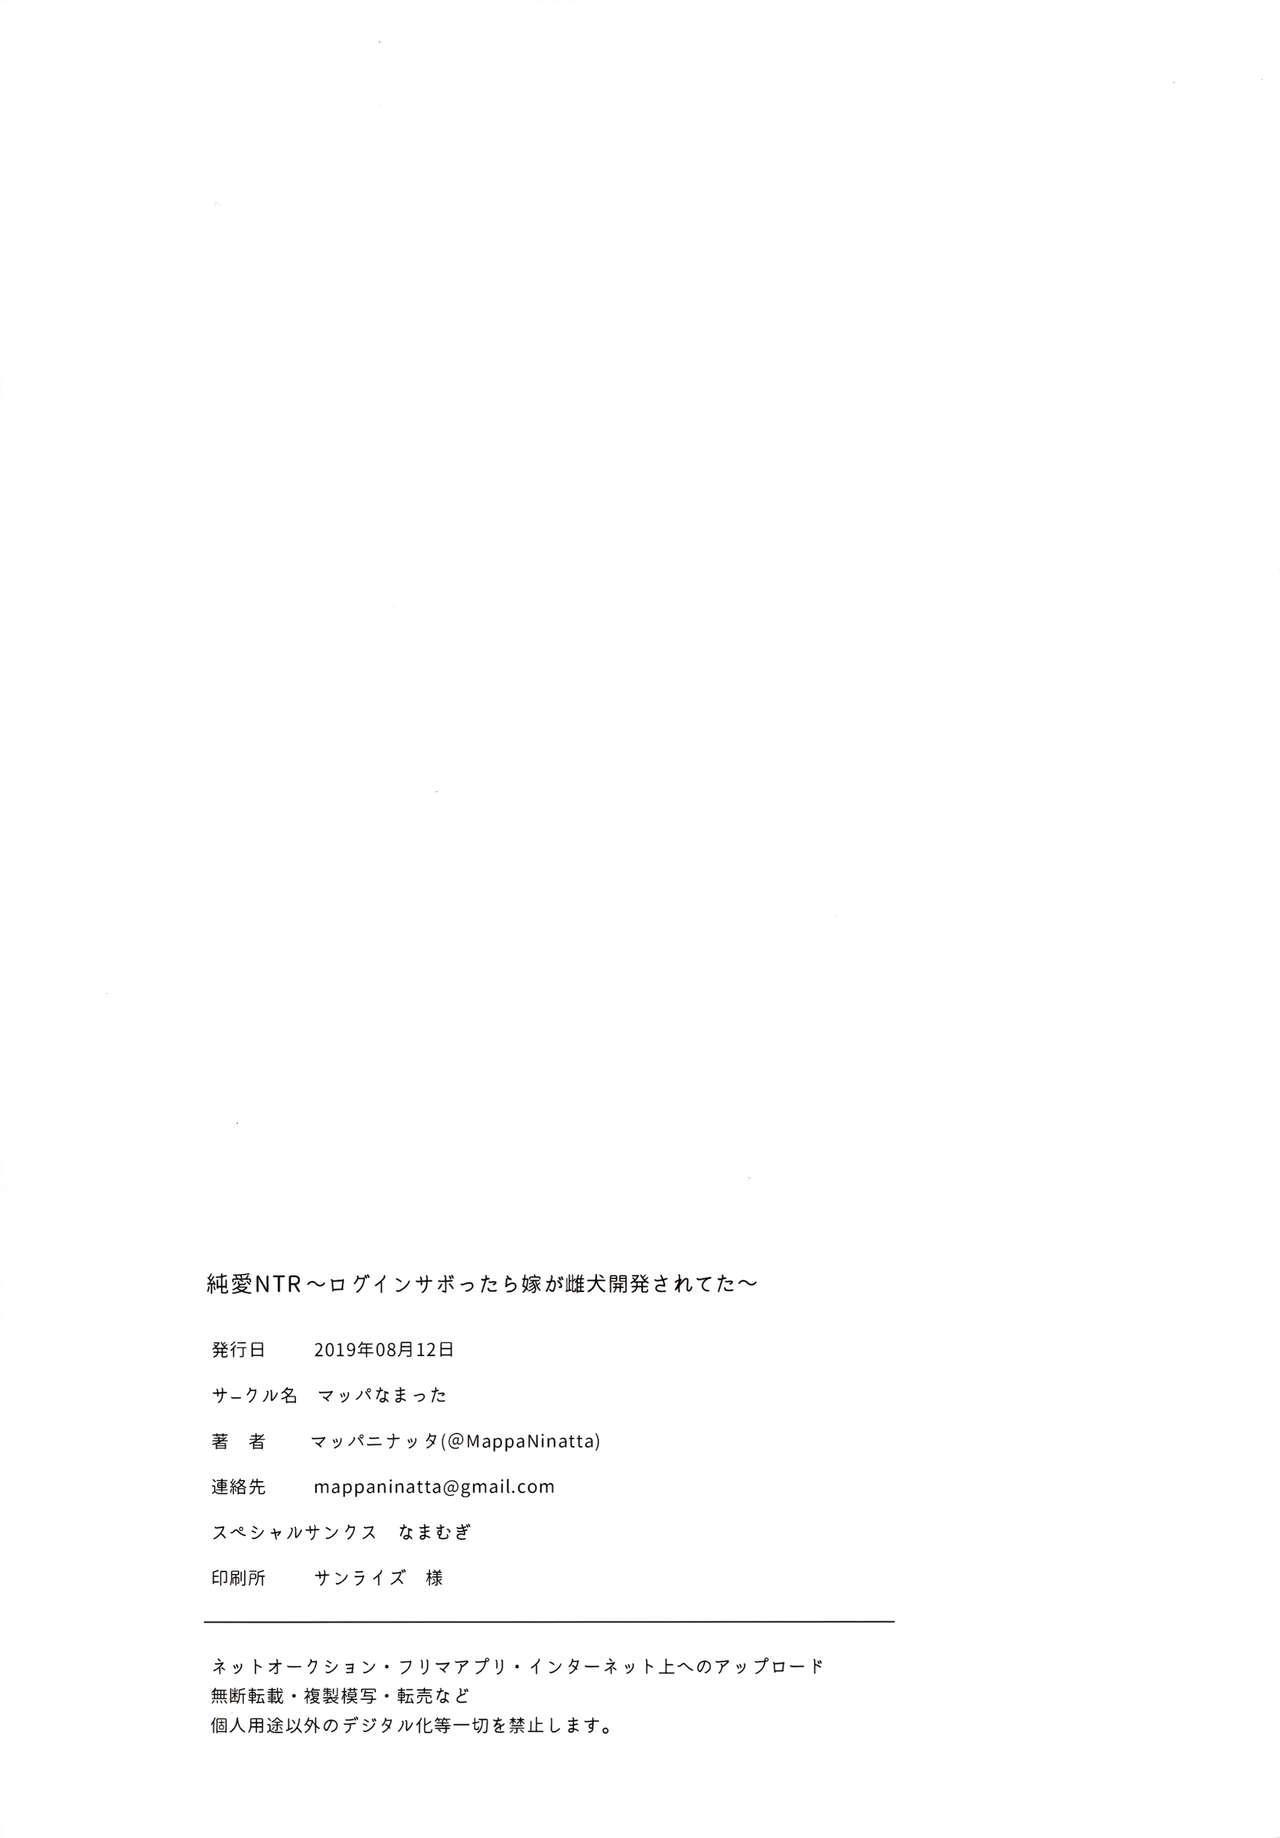 Junai NTR 35